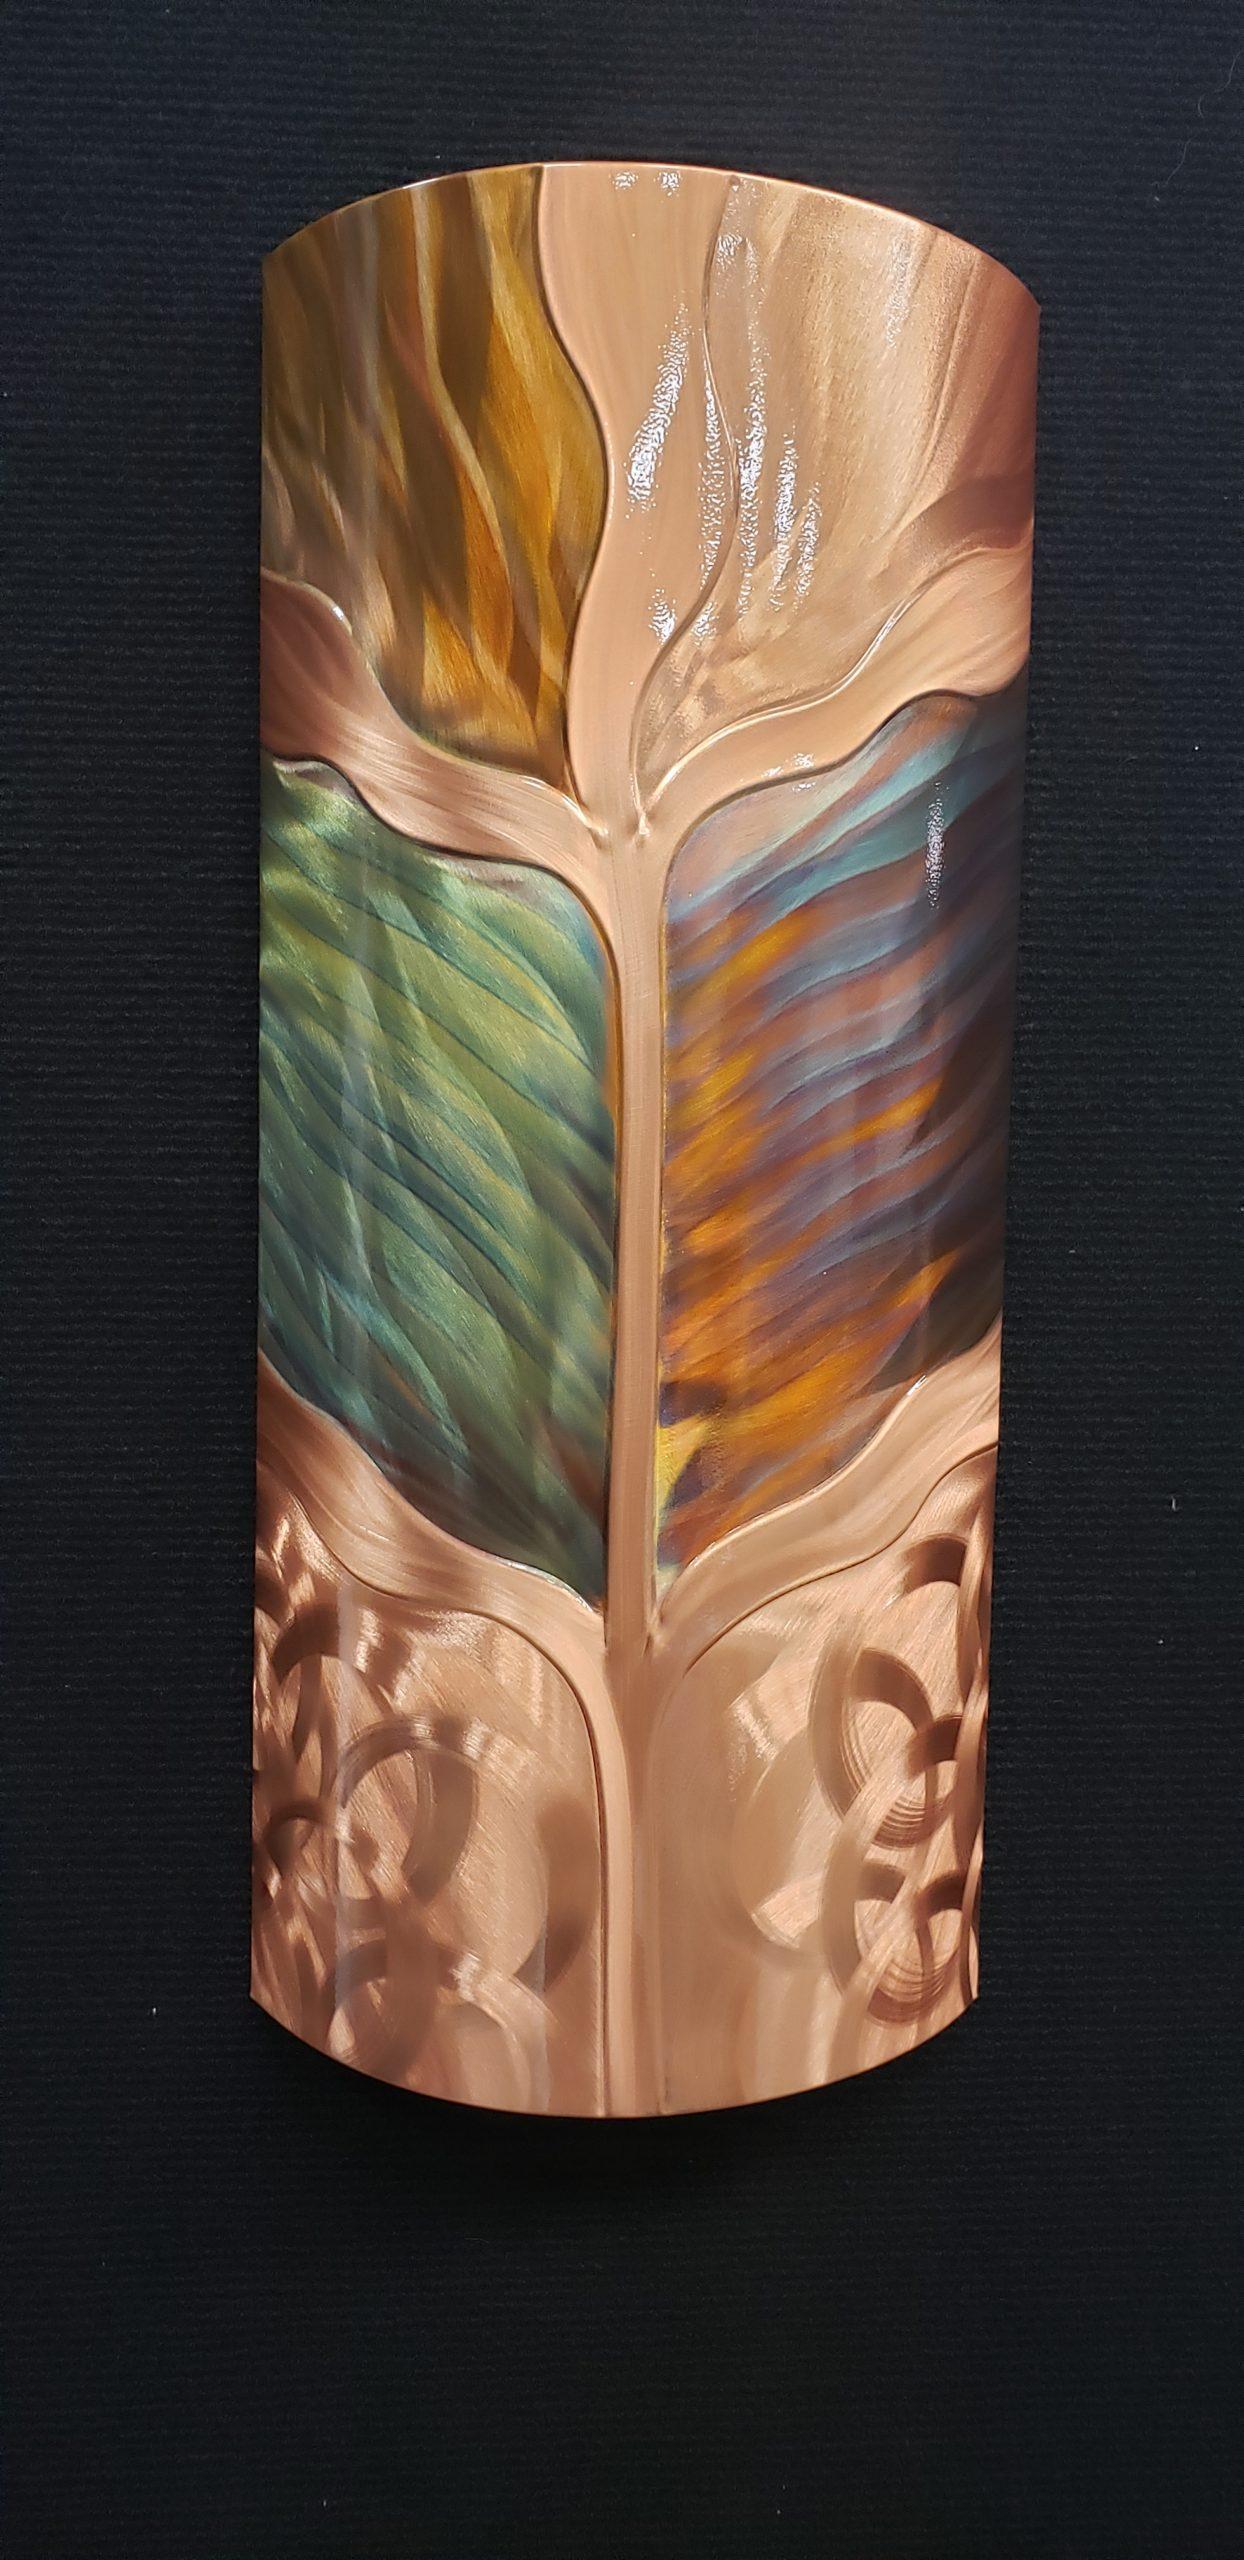 Tree of Life - C 8 x 17